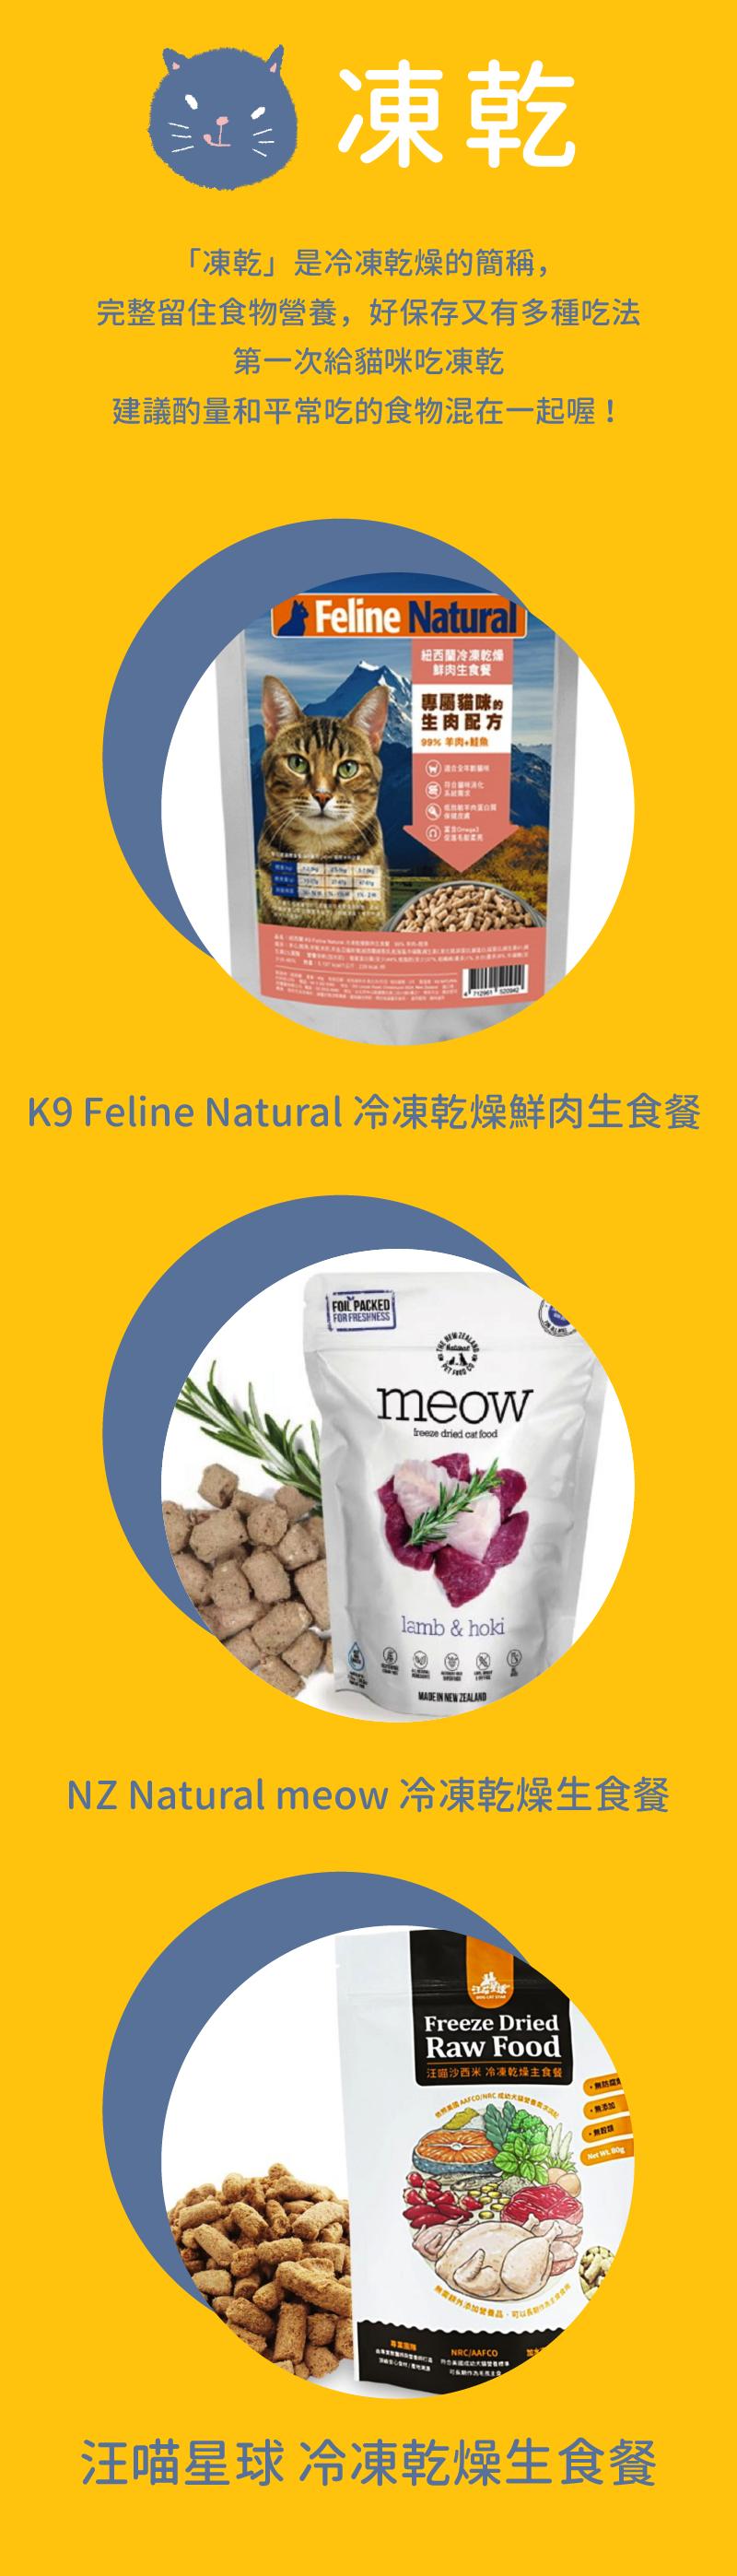 「凍乾」是冷凍乾燥的簡稱, 完整留住食物營養,好保存又有多種吃法 第一次給貓咪吃凍乾 建議酌量和平常吃的食物混在一起喔!